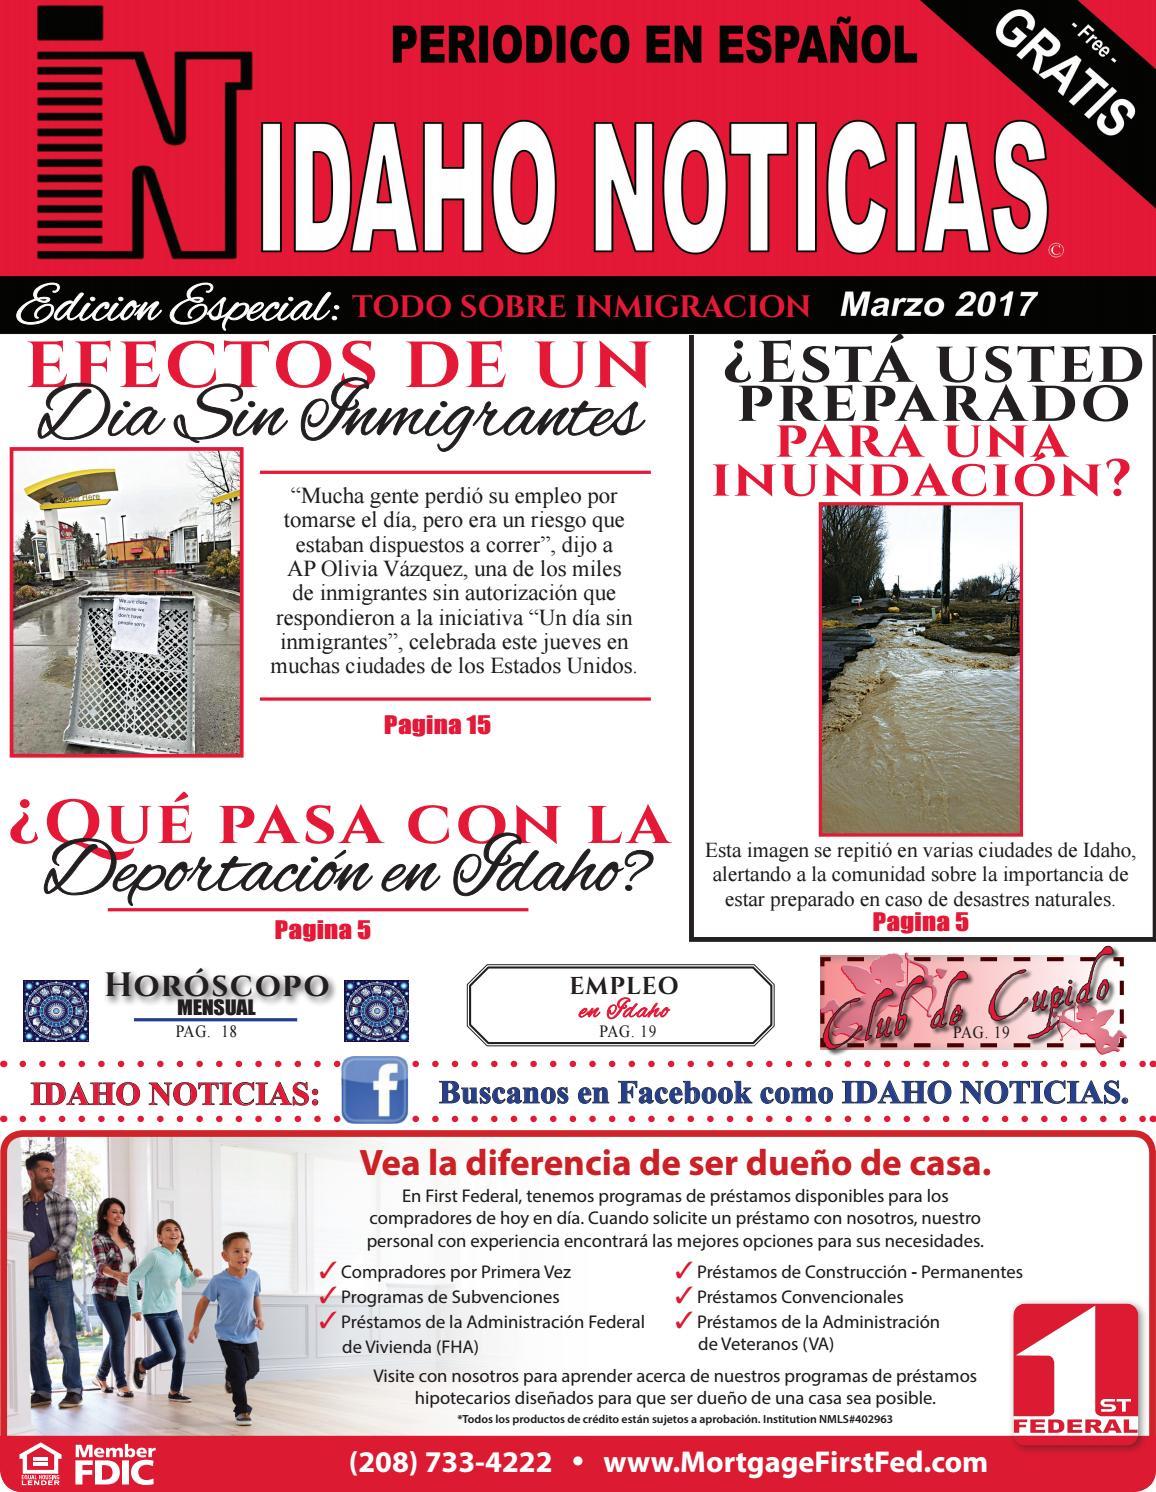 Periodico Idaho Noticias Edicion Marzo 2017 by Idaho Noticias - issuu